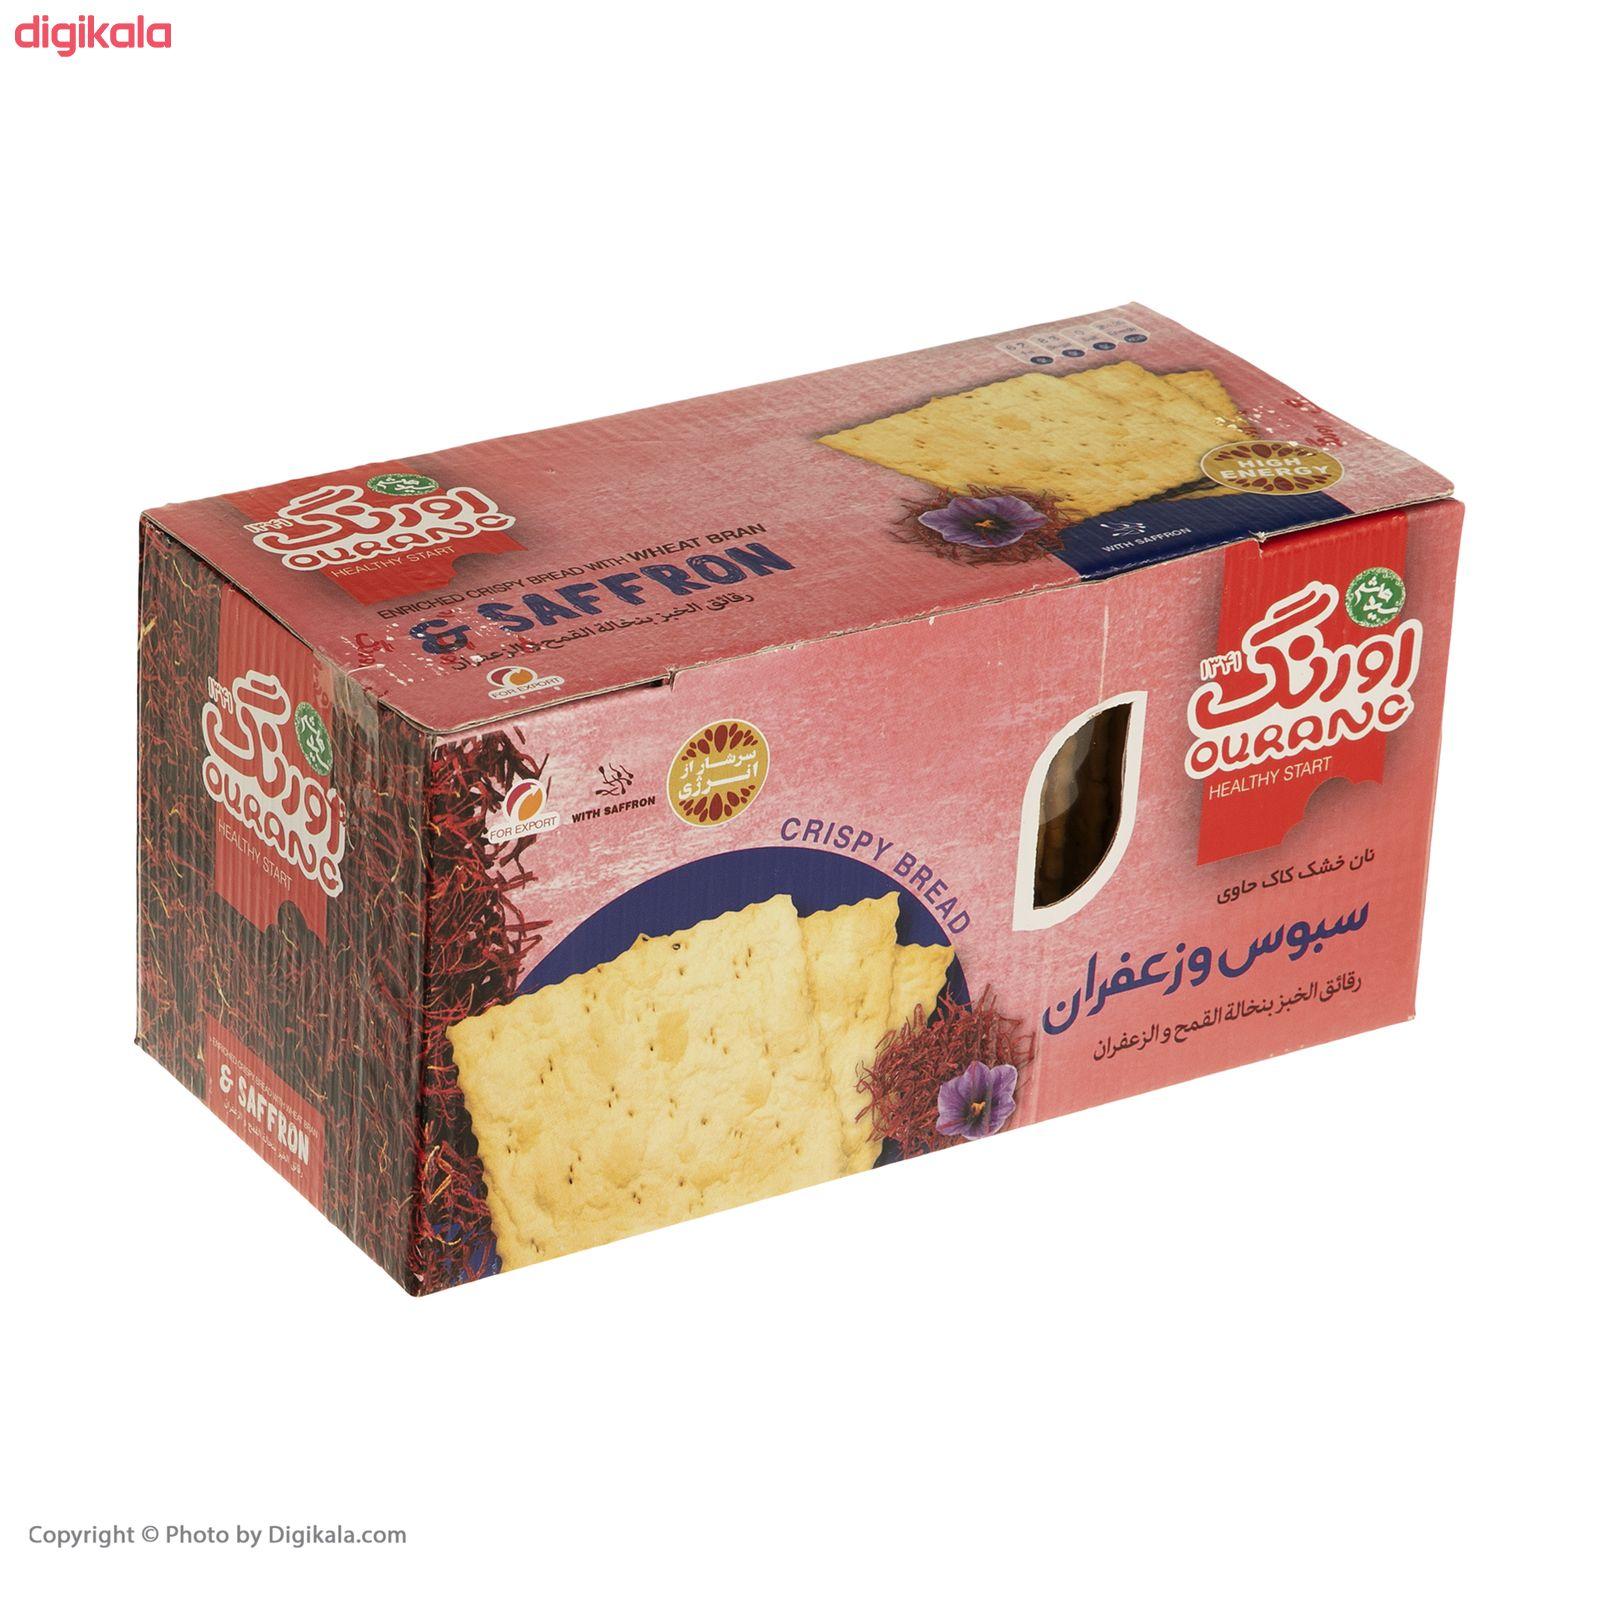 نان سنتی کاک سبوس دار زعفرانی اورنگ مقدار 400 گرم main 1 3